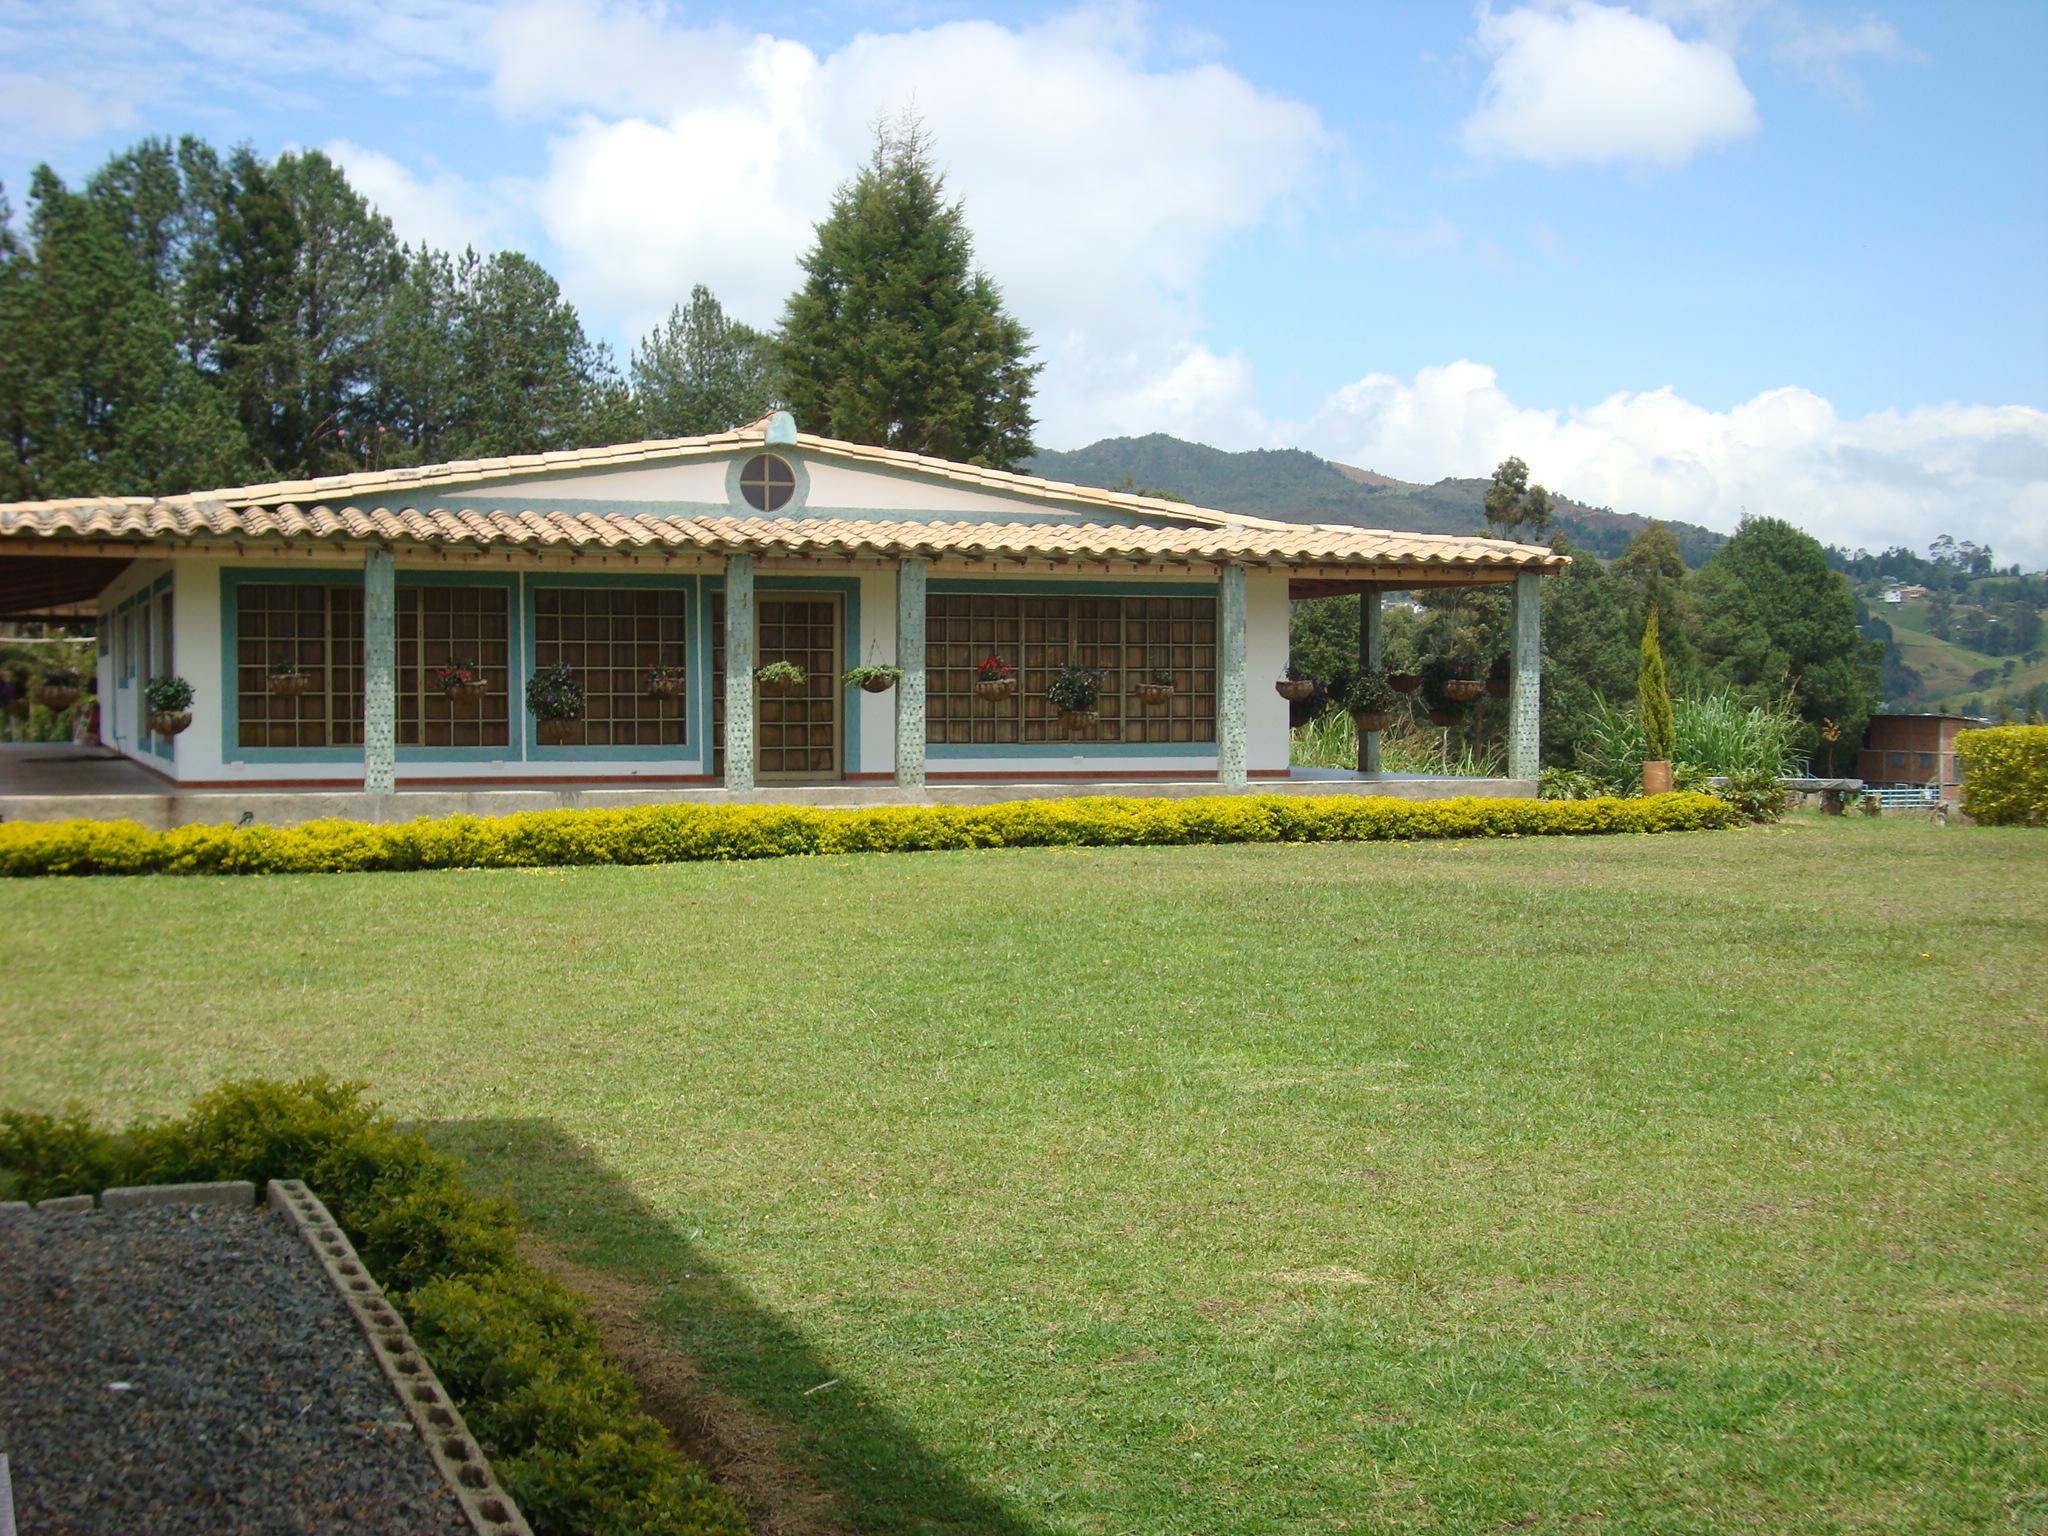 Anuncios Gratis Venta De Casas Anuncios De Casas En .html ... - photo#48